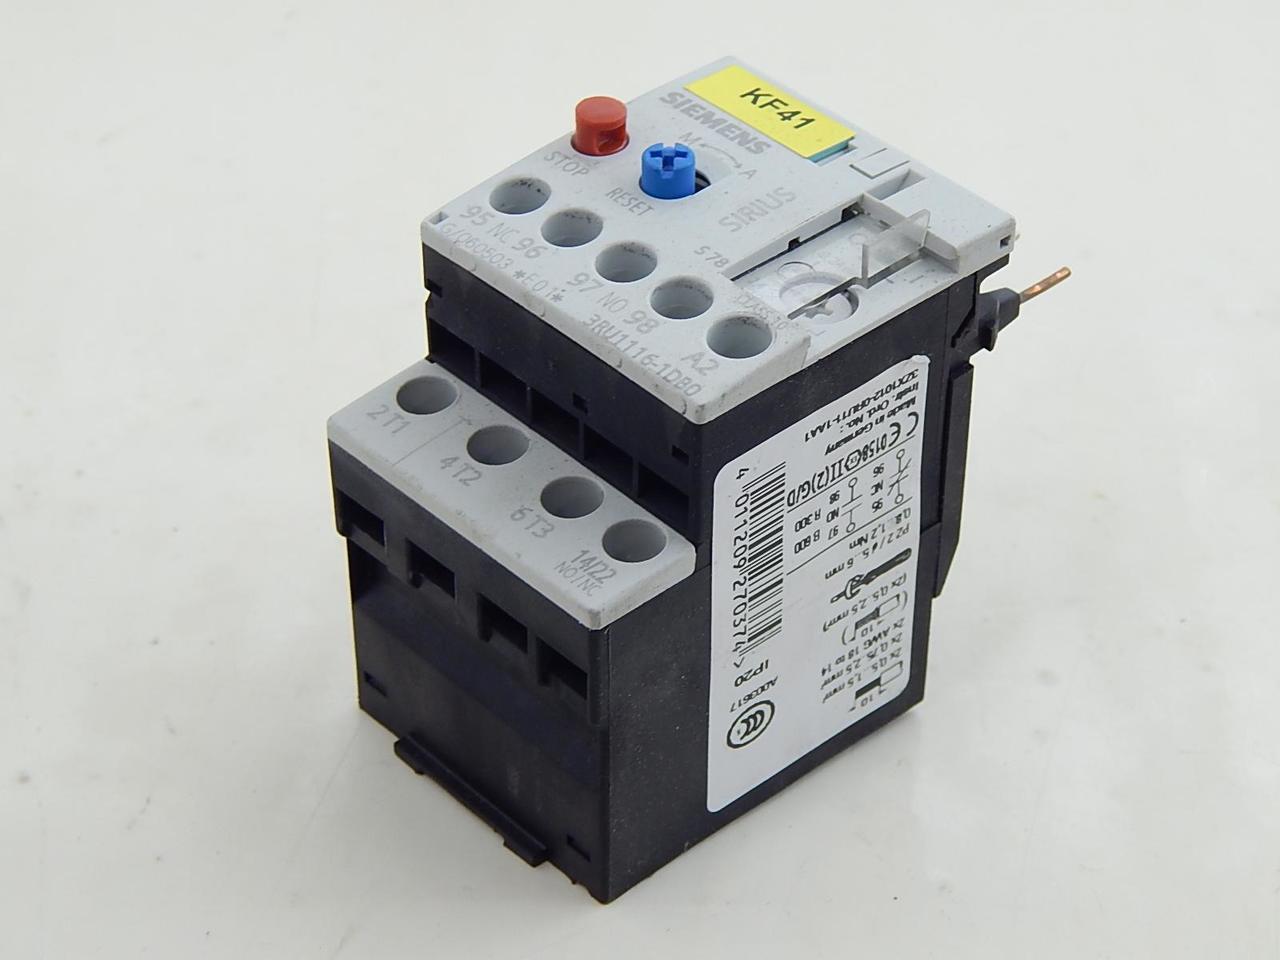 Lot of 6 Siemens 3RU1116-1DB0 Overload Relay T93372